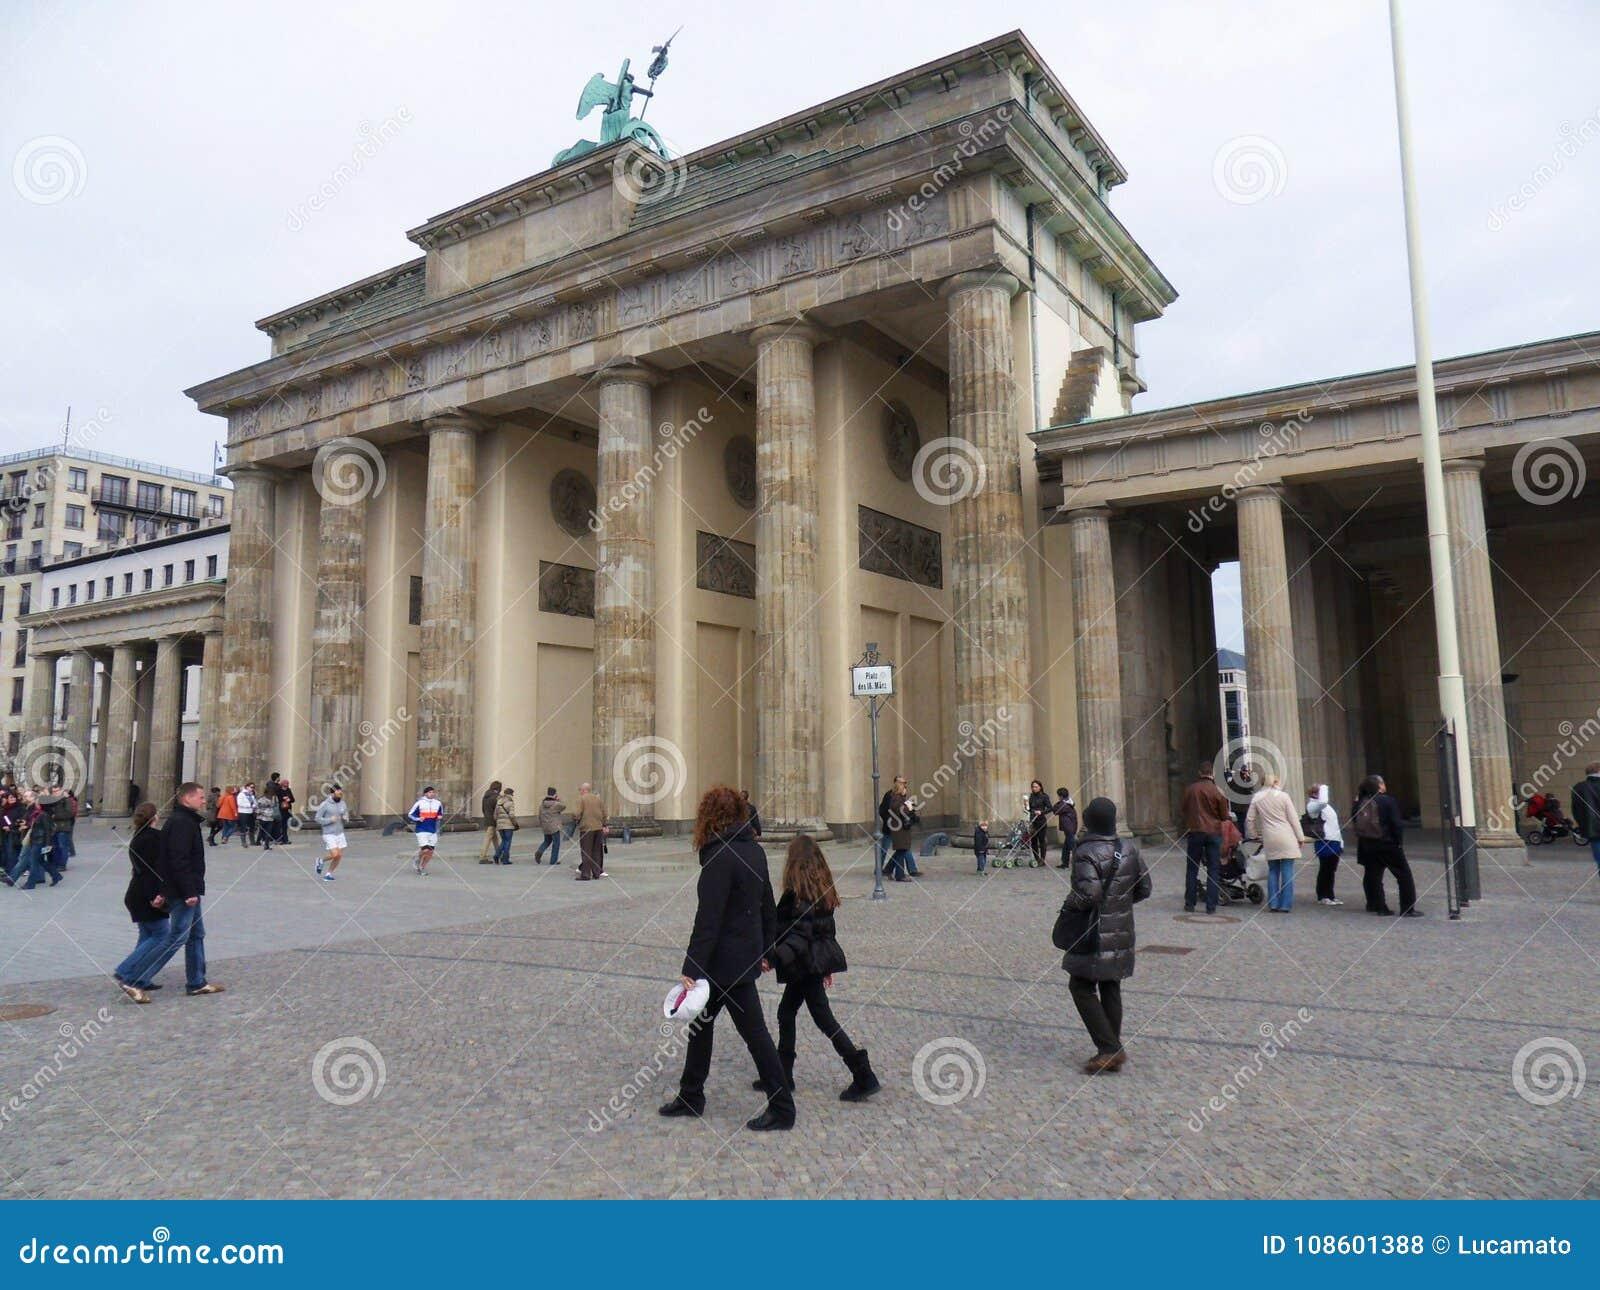 Brandenburg Gate from the west